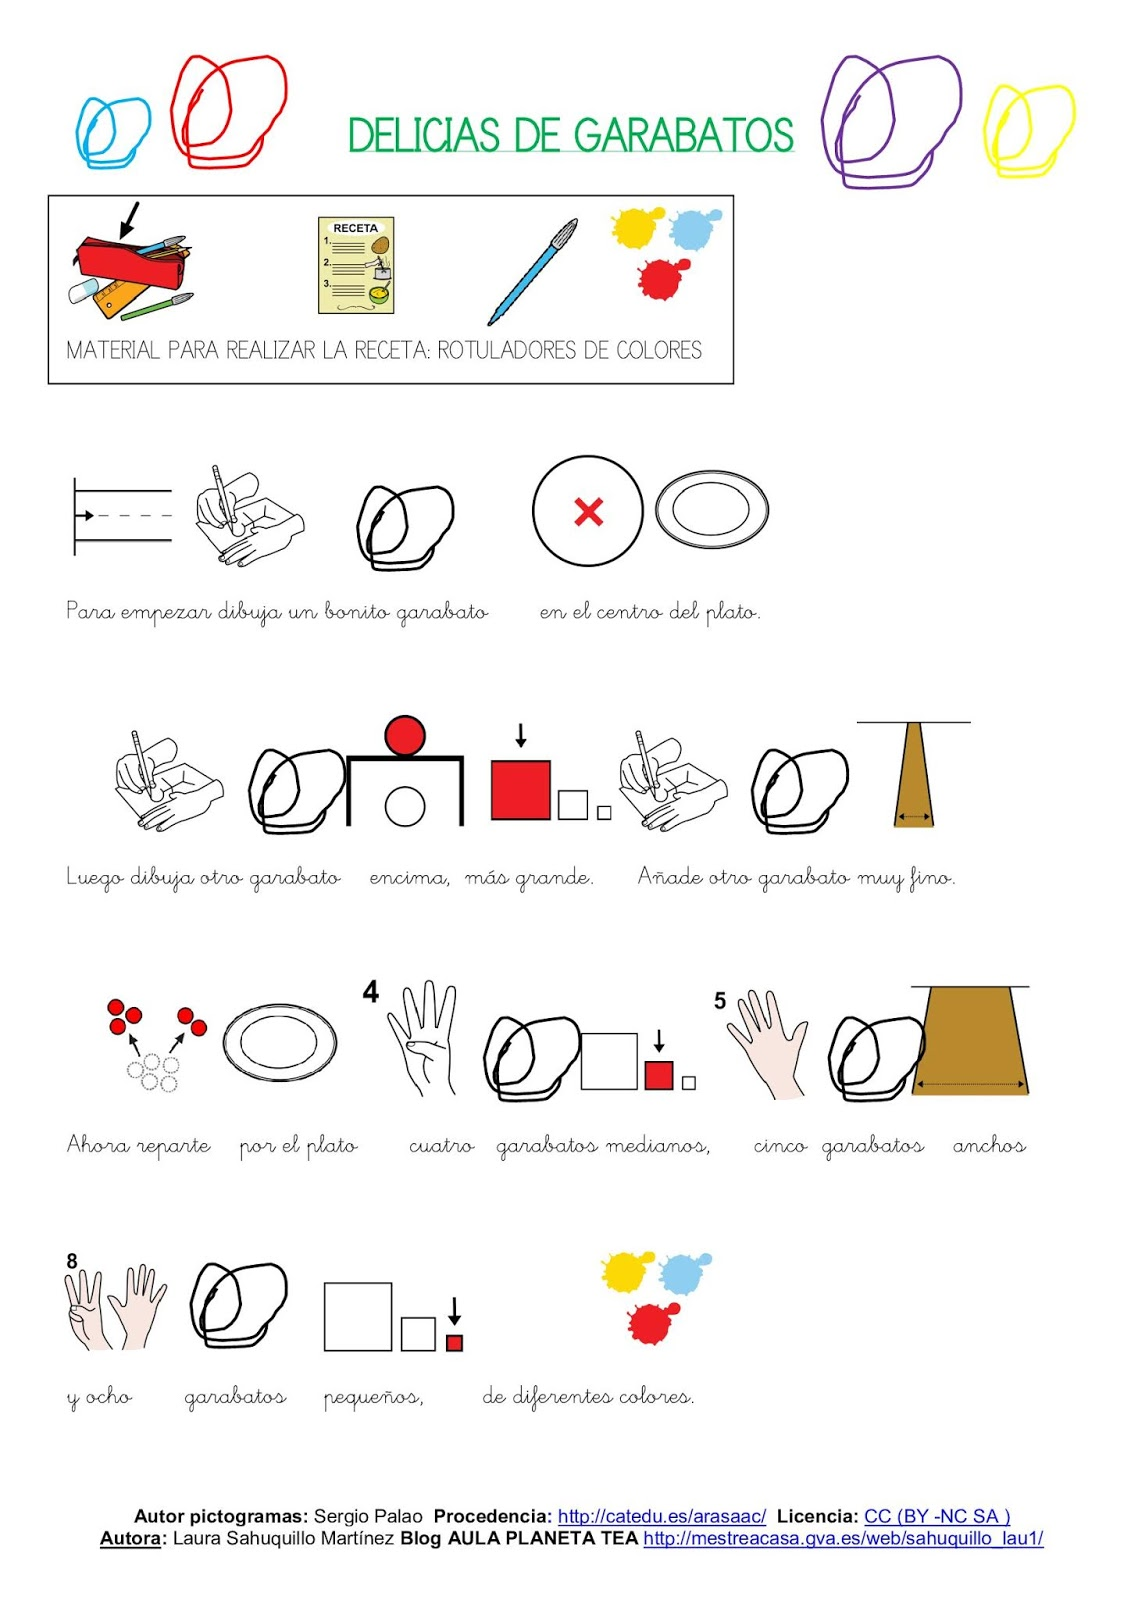 Aula planeta tea taller de arte la cocina de dibujos - Cocina dibujo ...